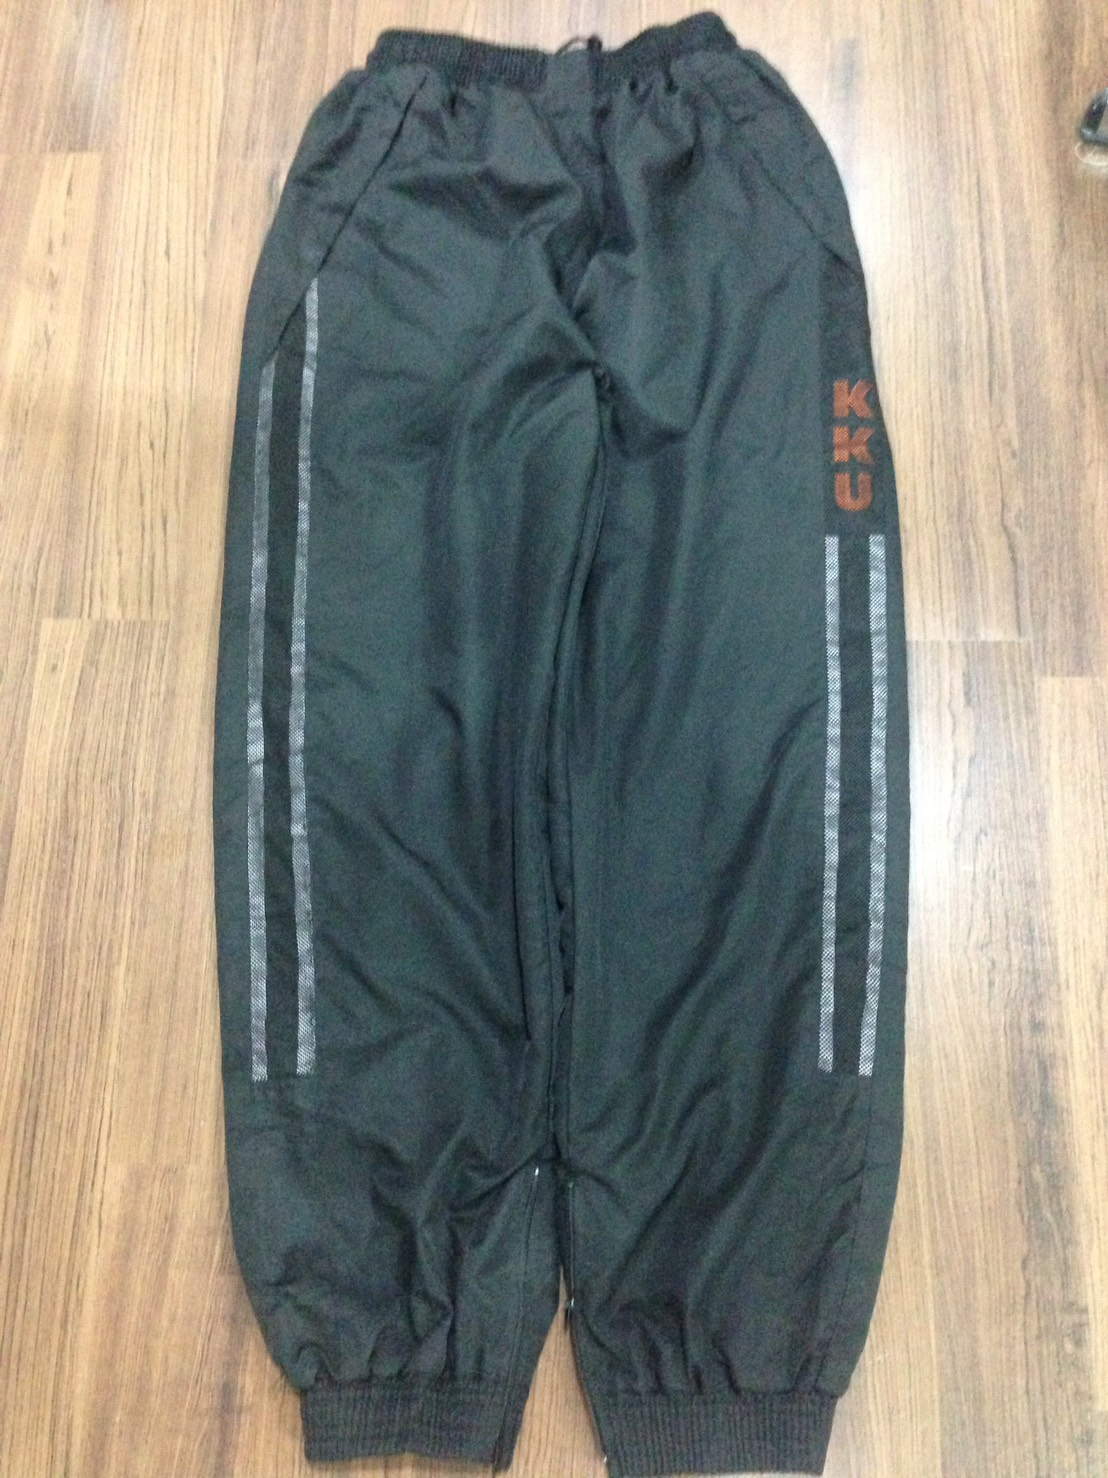 กางเกงพละผ้าร่ม หญิง/ชาย (สะโพก 46 นิ้ว ยาว 38 นิ้ว) ขนาดไซด์ M